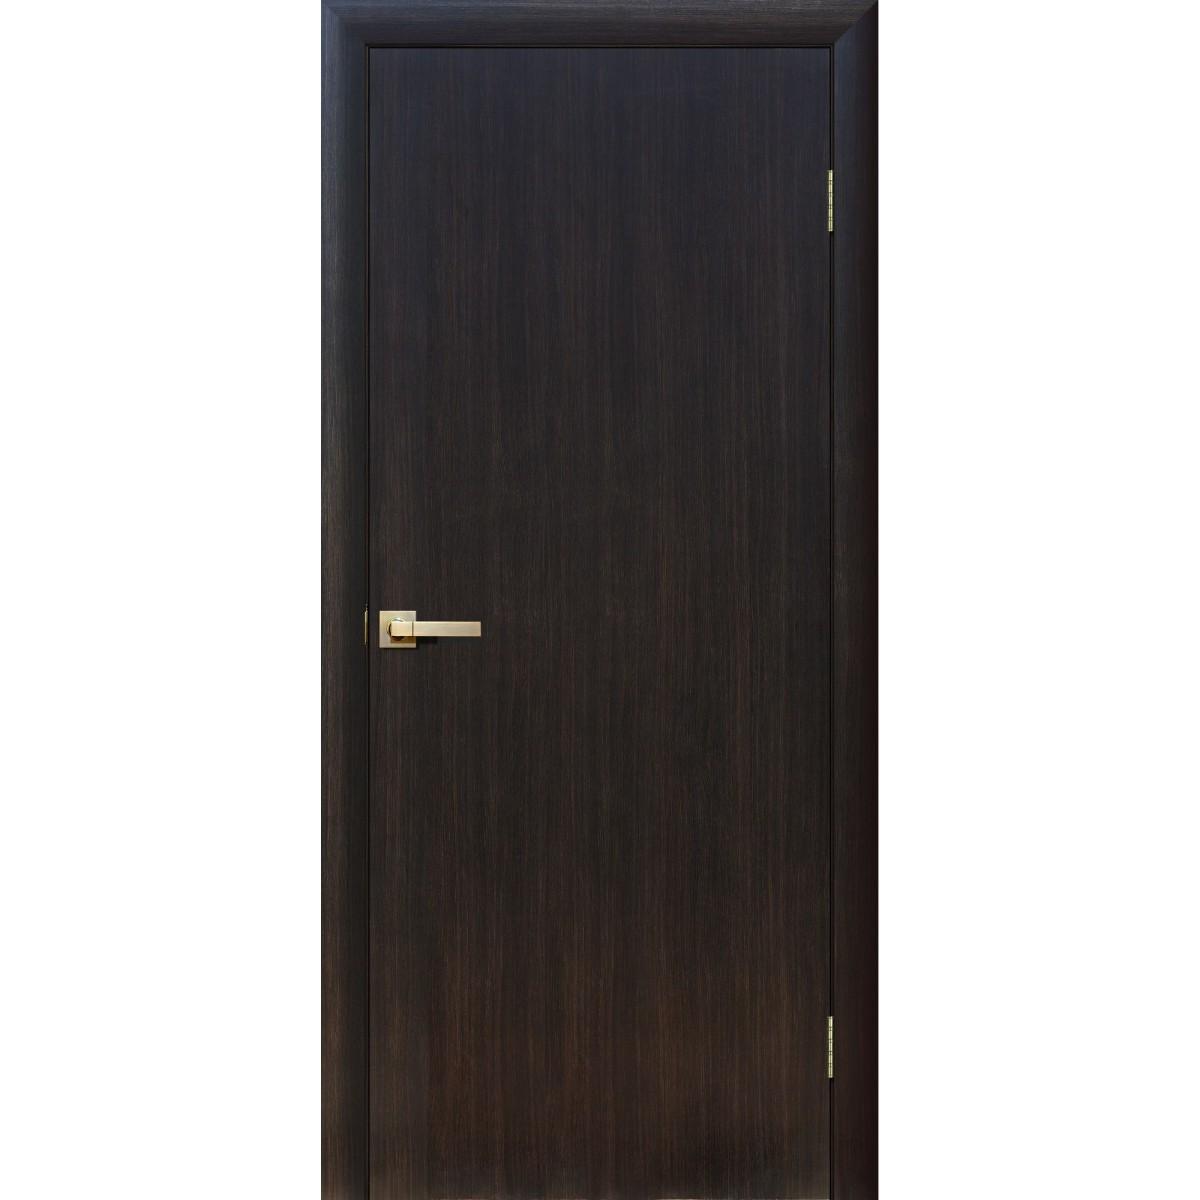 Дверь Межкомнатная Глухая Стандарт 70x200 Ламинация Цвет Дуб Феррара